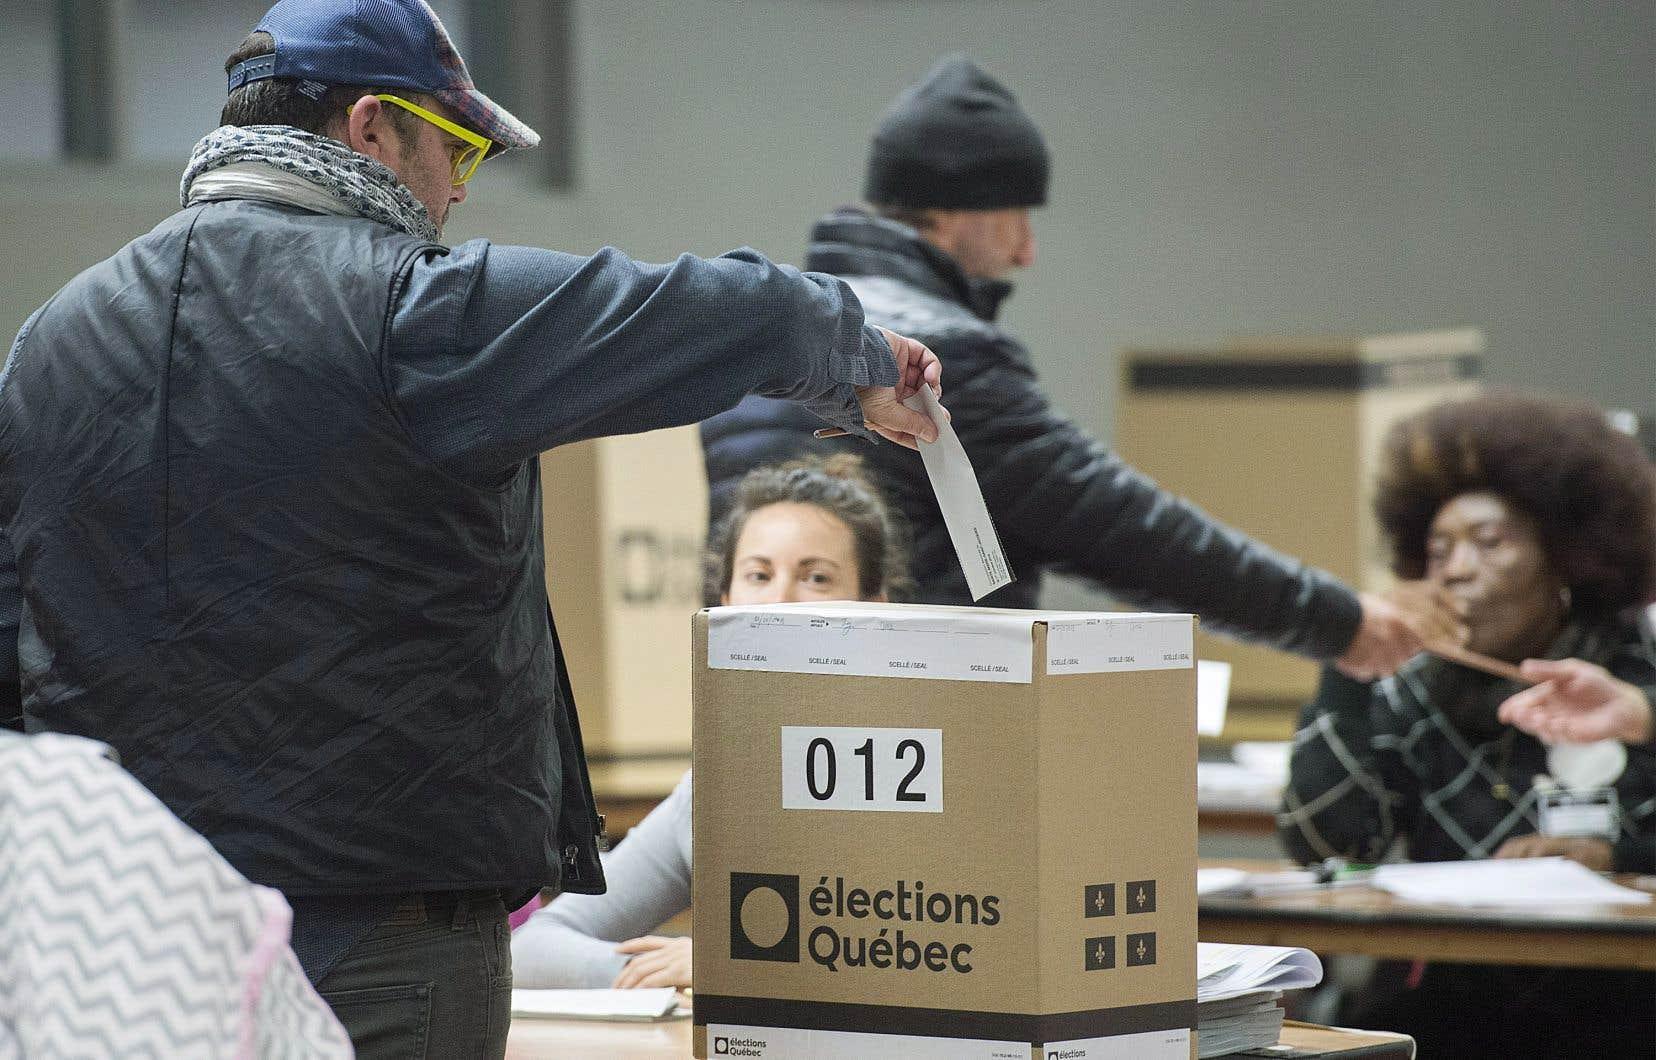 «Toute proposition de réforme du mode de scrutin ne pourra pas s'appuyer uniquement sur le principe de la représentation proportionnelle du vote, puisque cela ne fera qu'accentuer la perte d'influence des régions», remarque l'auteur.